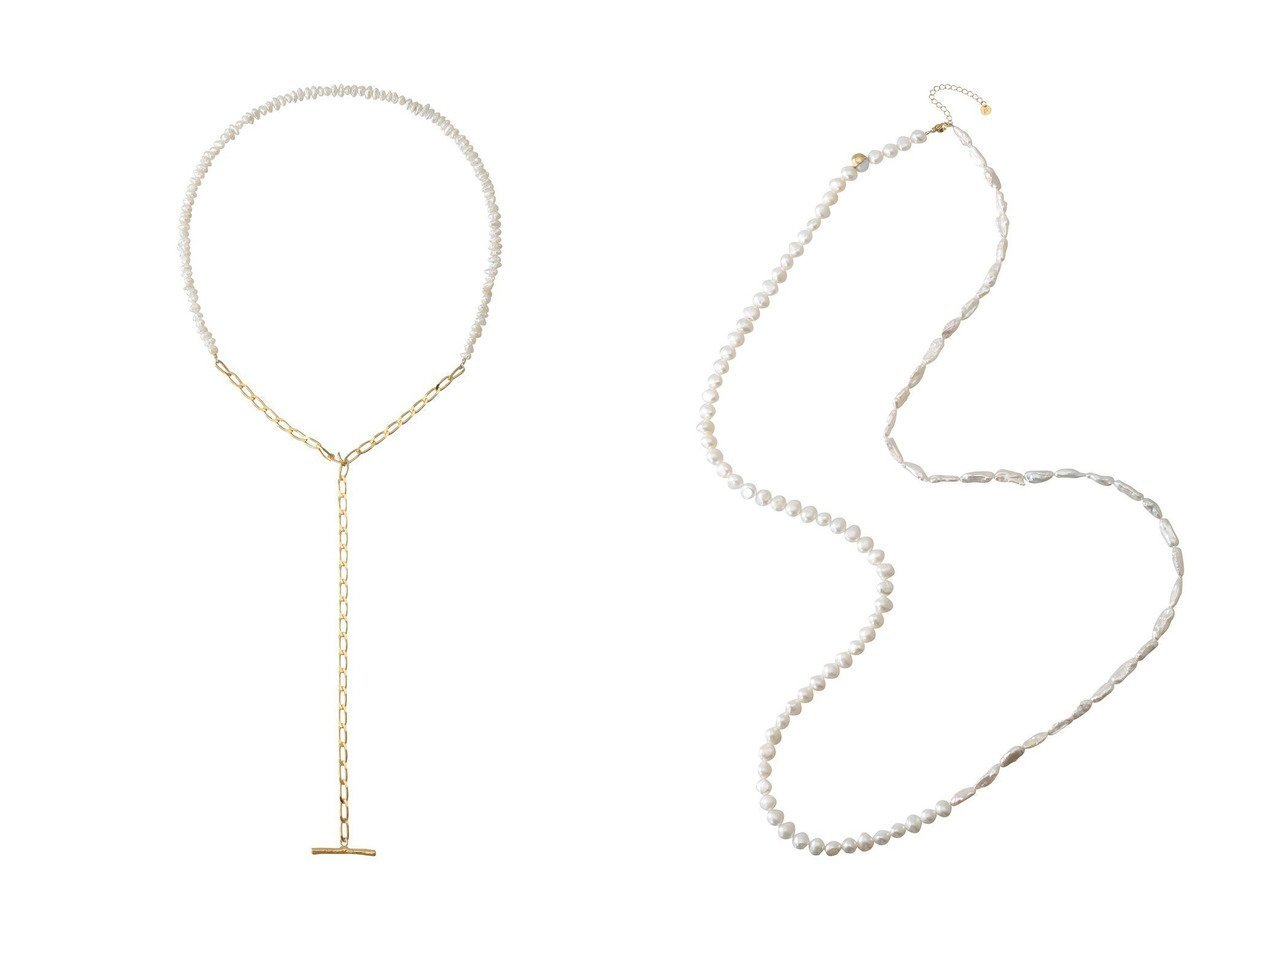 【Preek/プリーク】のBEADS PEARL LALIETTE ネックレス&ROPE HALF&HALF ネックレス 【アクセサリー・ジュエリー】おすすめ!人気、トレンド・レディースファッションの通販 おすすめで人気の流行・トレンド、ファッションの通販商品 インテリア・家具・メンズファッション・キッズファッション・レディースファッション・服の通販 founy(ファニー) https://founy.com/ ファッション Fashion レディースファッション WOMEN ジュエリー Jewelry ネックレス Necklaces シンプル ネックレス バロック パーティ パール プレート ロング コンビ チェーン  ID:crp329100000072219